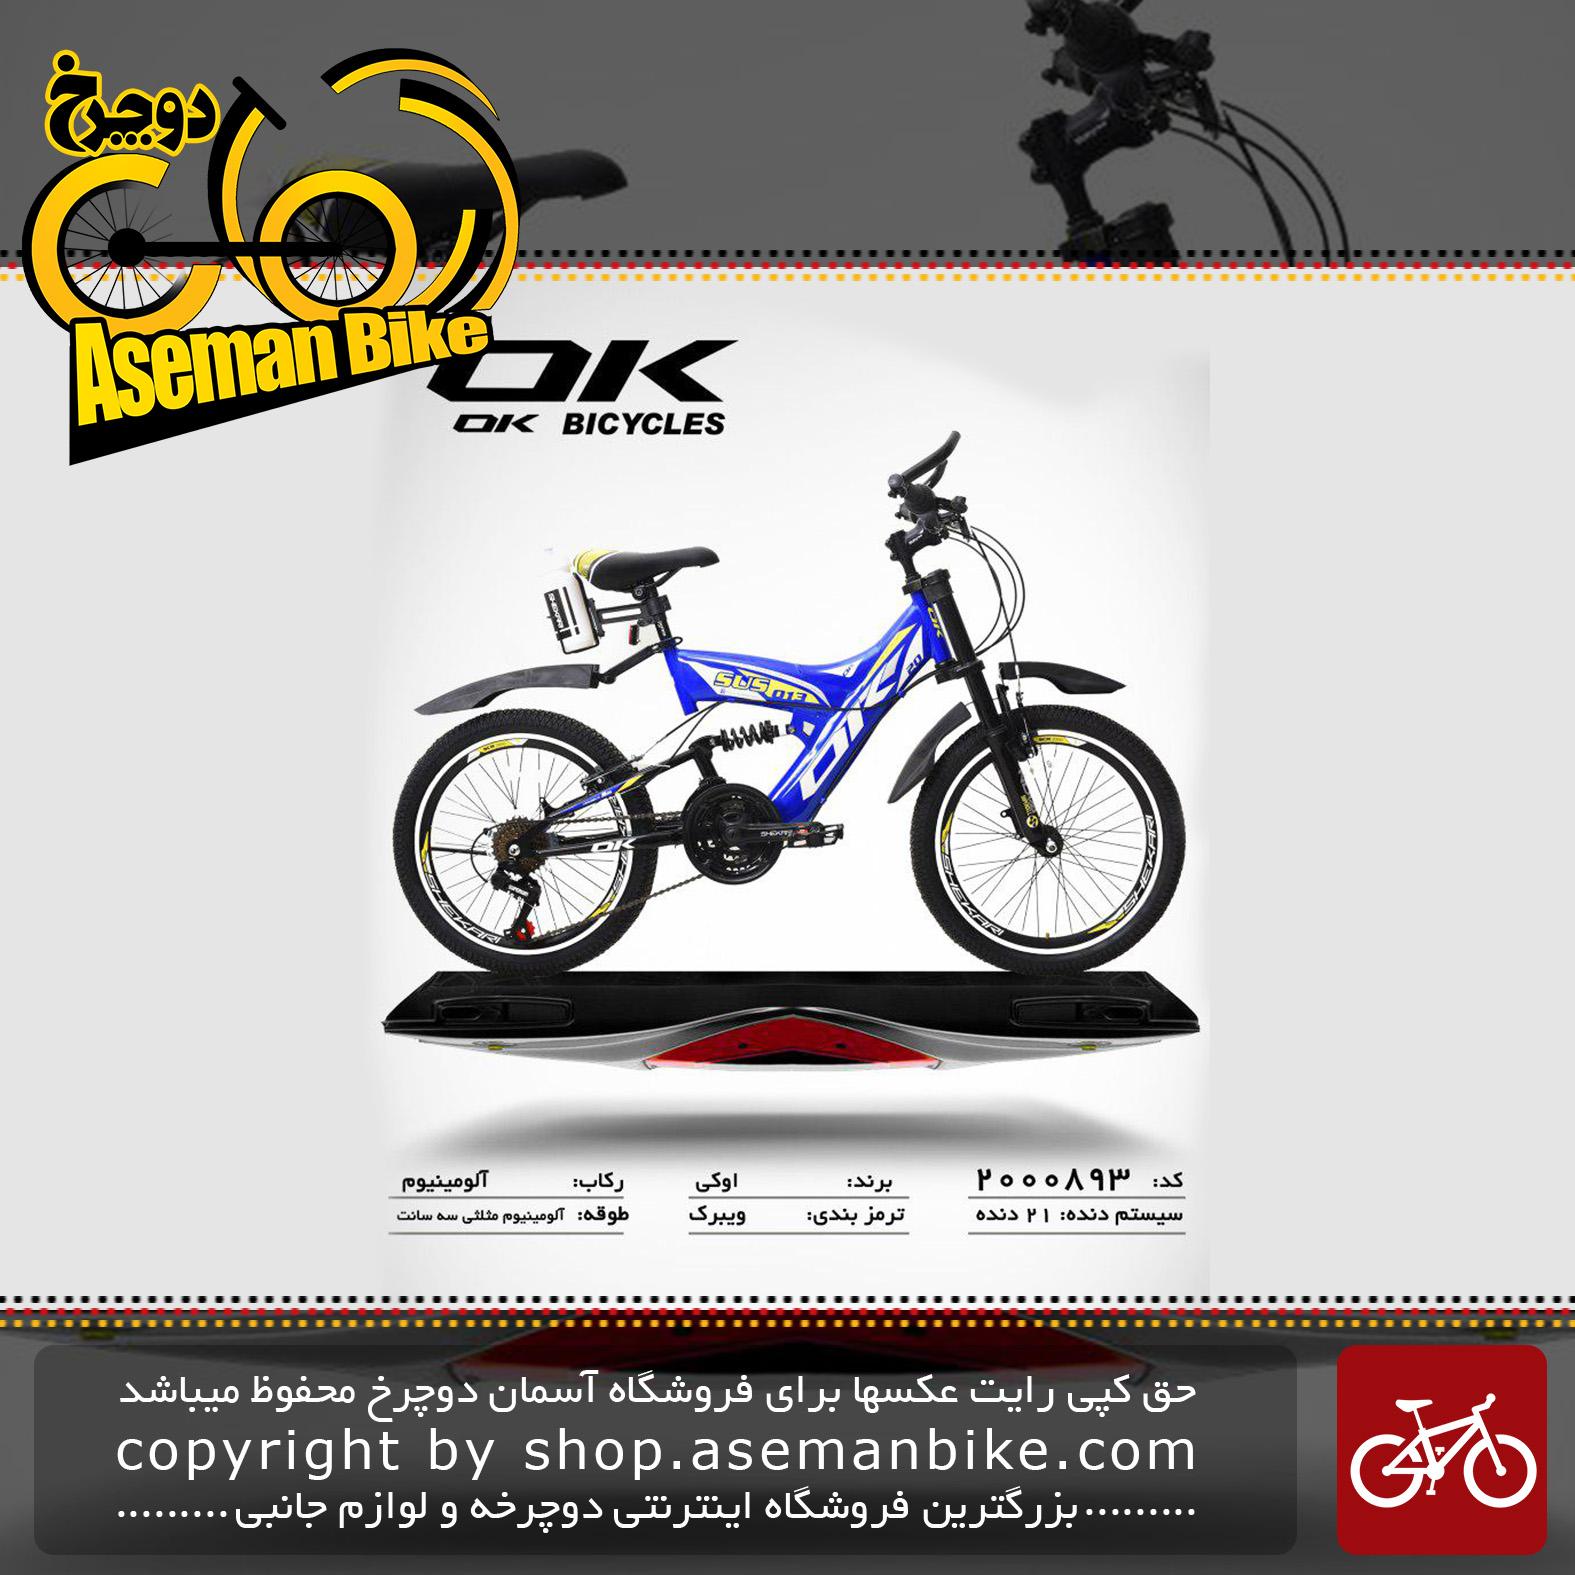 دوچرخه کوهستان شهری اوکی دو کمک 21 دنده مدل 893 21 دنده سایز 20 ساخت تایوان OK Mountain City Bicycle Taiwan 893 20 2019